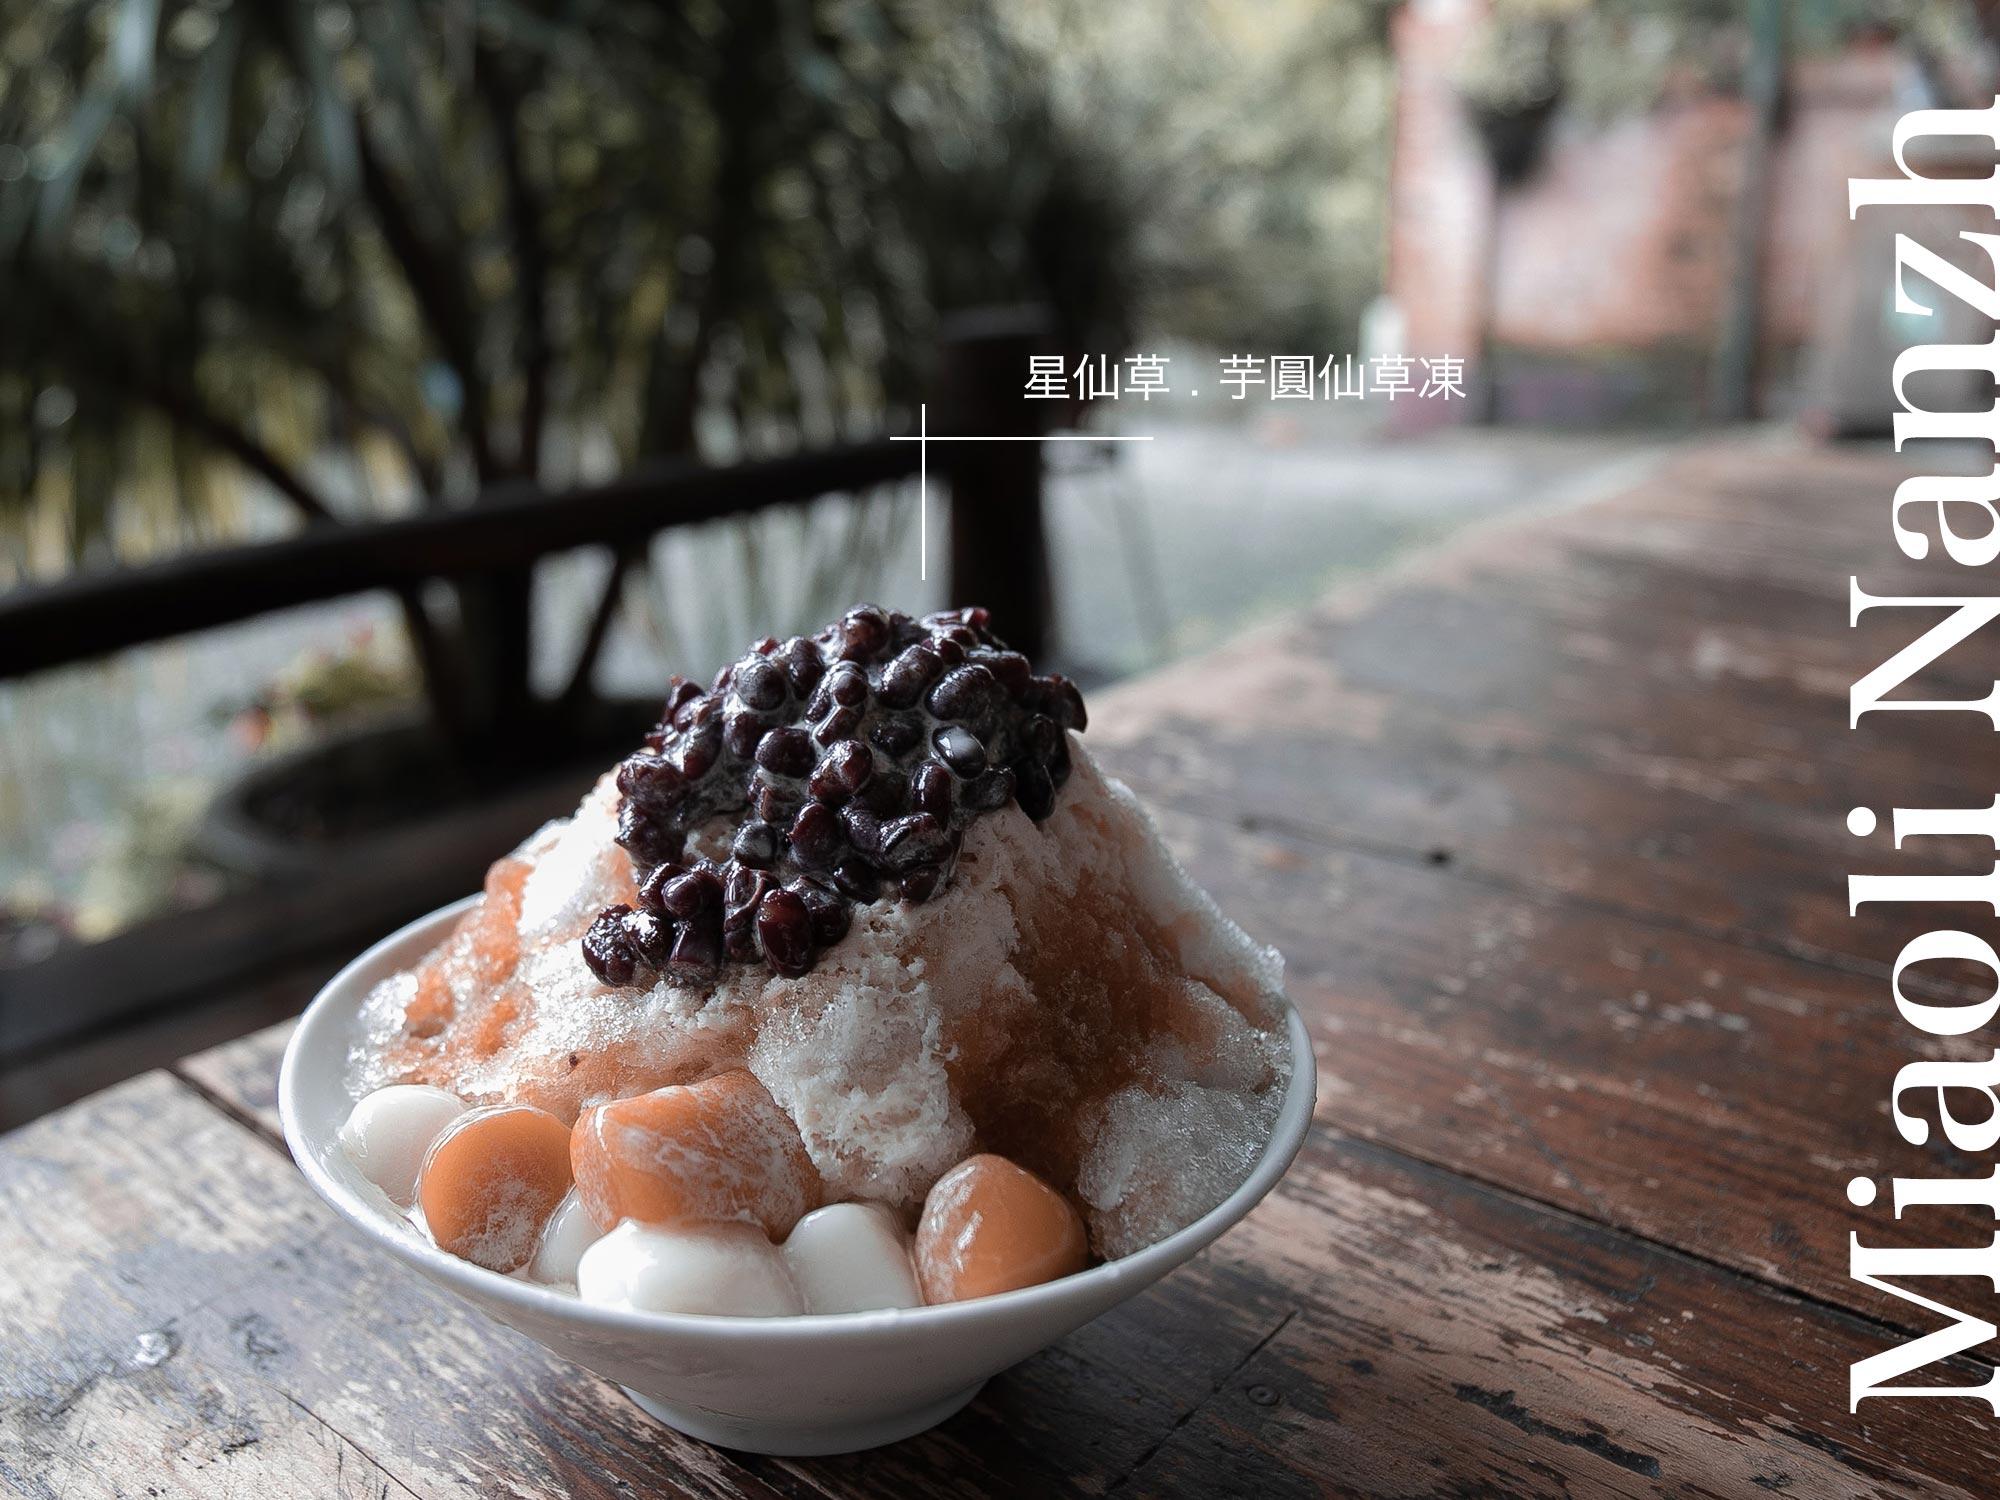 苗栗南庄美食-星仙草|承襲60年的古手工熬煮,真心超好吃的天然仙草芋圓冰!